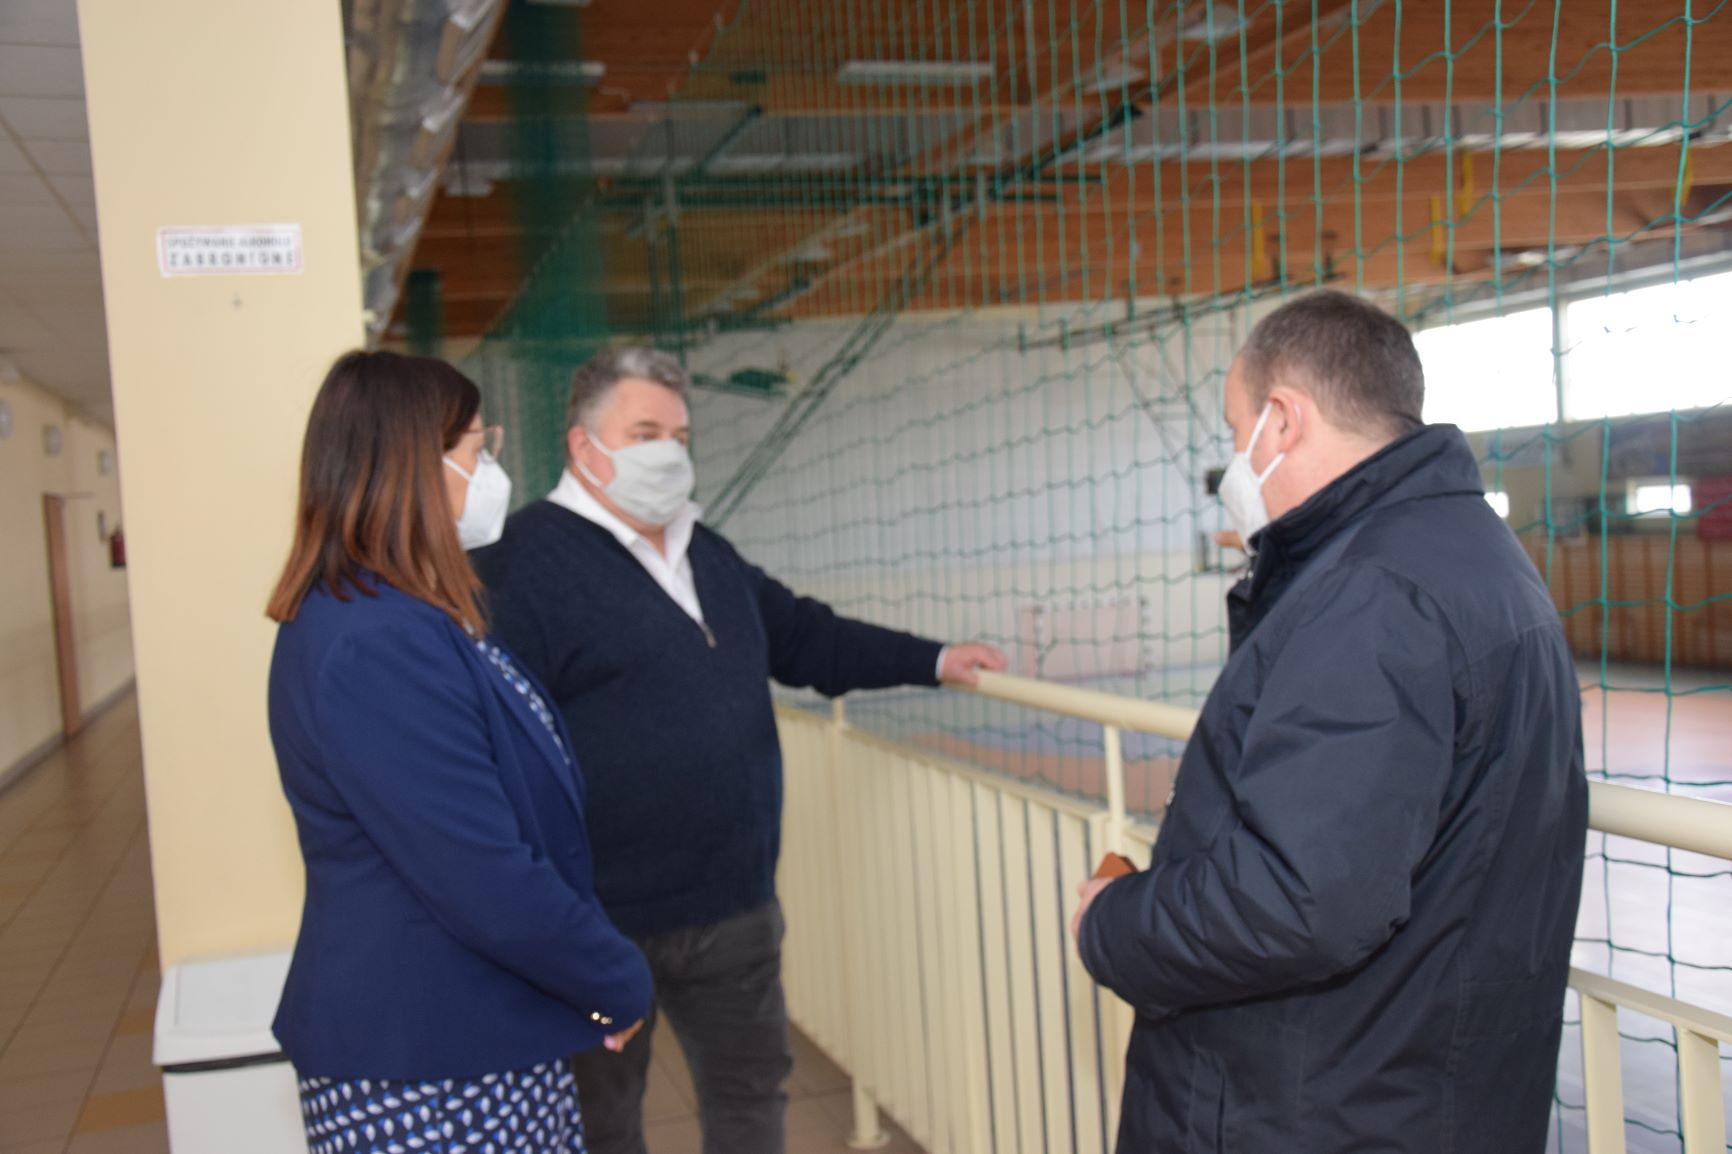 Spotkanie Starosty Szamotulskiego oraz Burmistrza Miasta i Gminy Pniewy